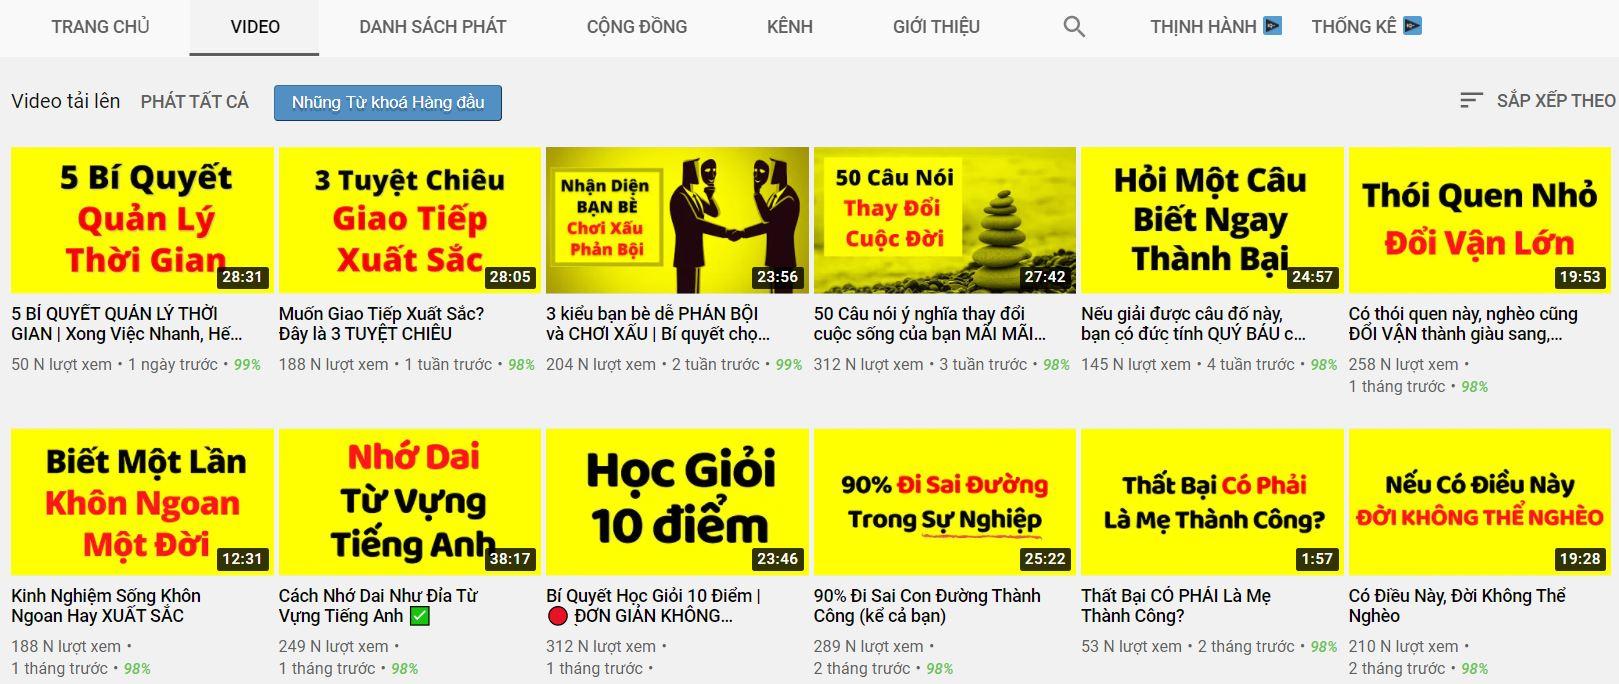 cach-tao-hinh-thu-nho-video-Youtube-2